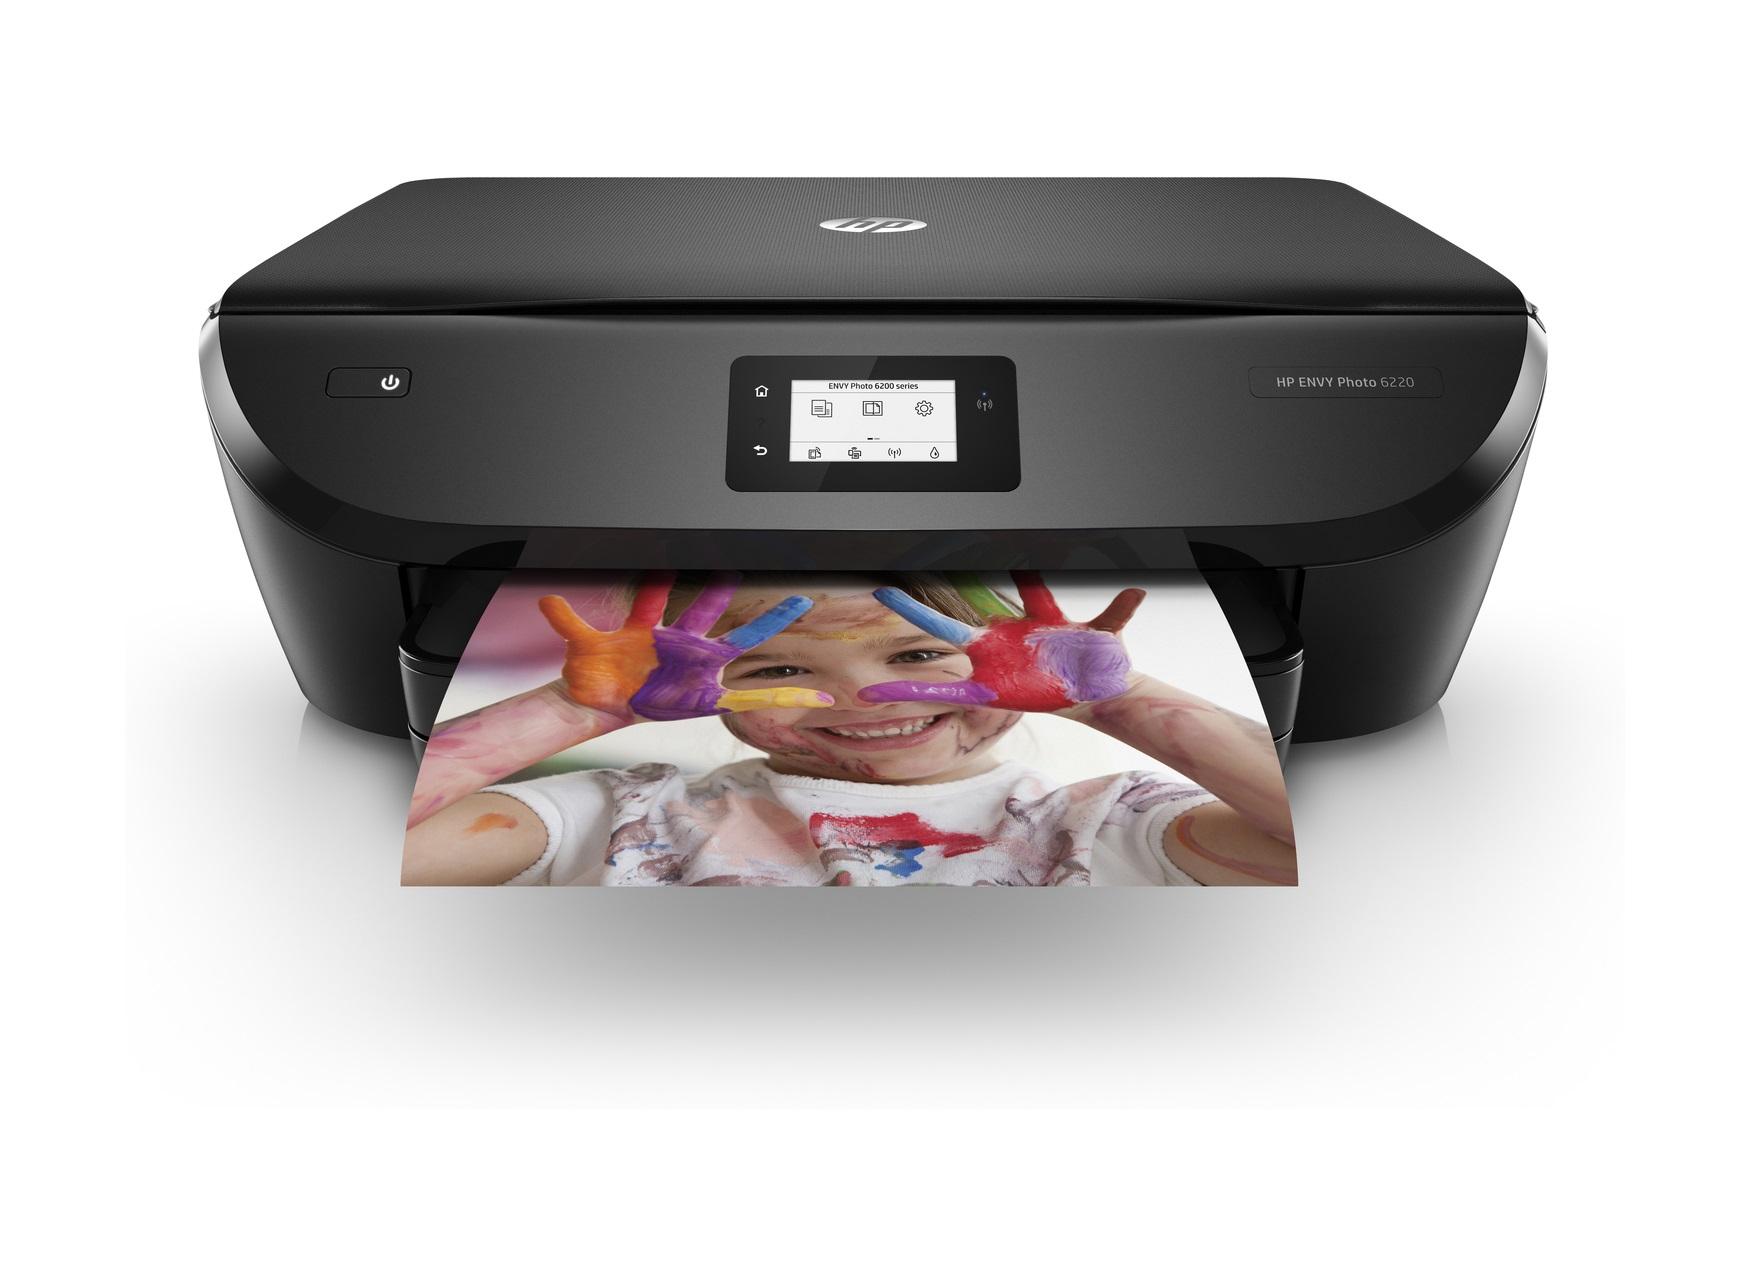 HP Envy Photo 6220 - £49 (£30 off) + £30 cashback + £32 Instant ink value = -£13!